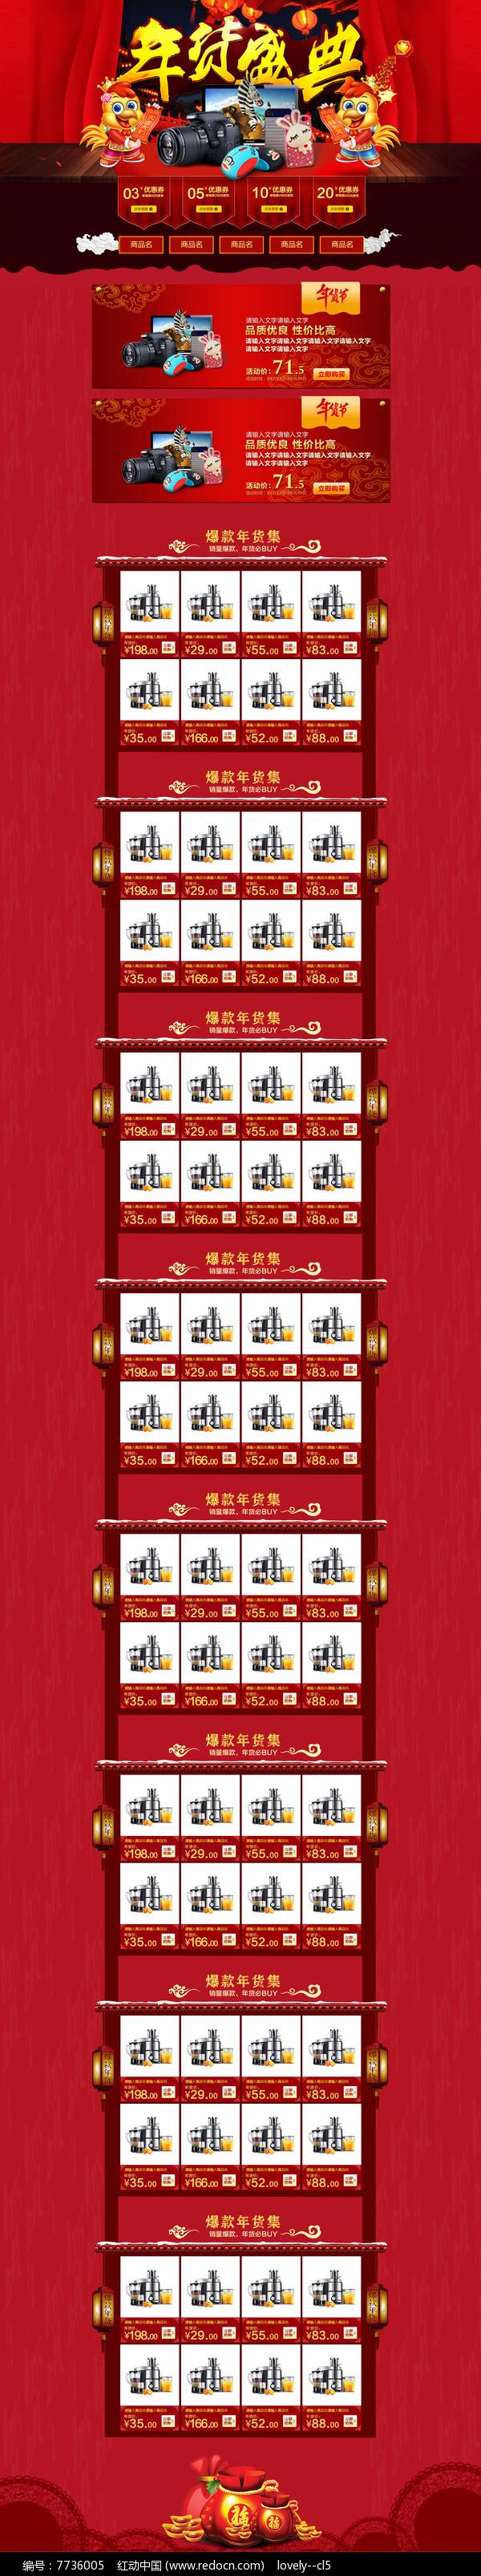 淘宝天猫年货盛宴年货节首页模板图片